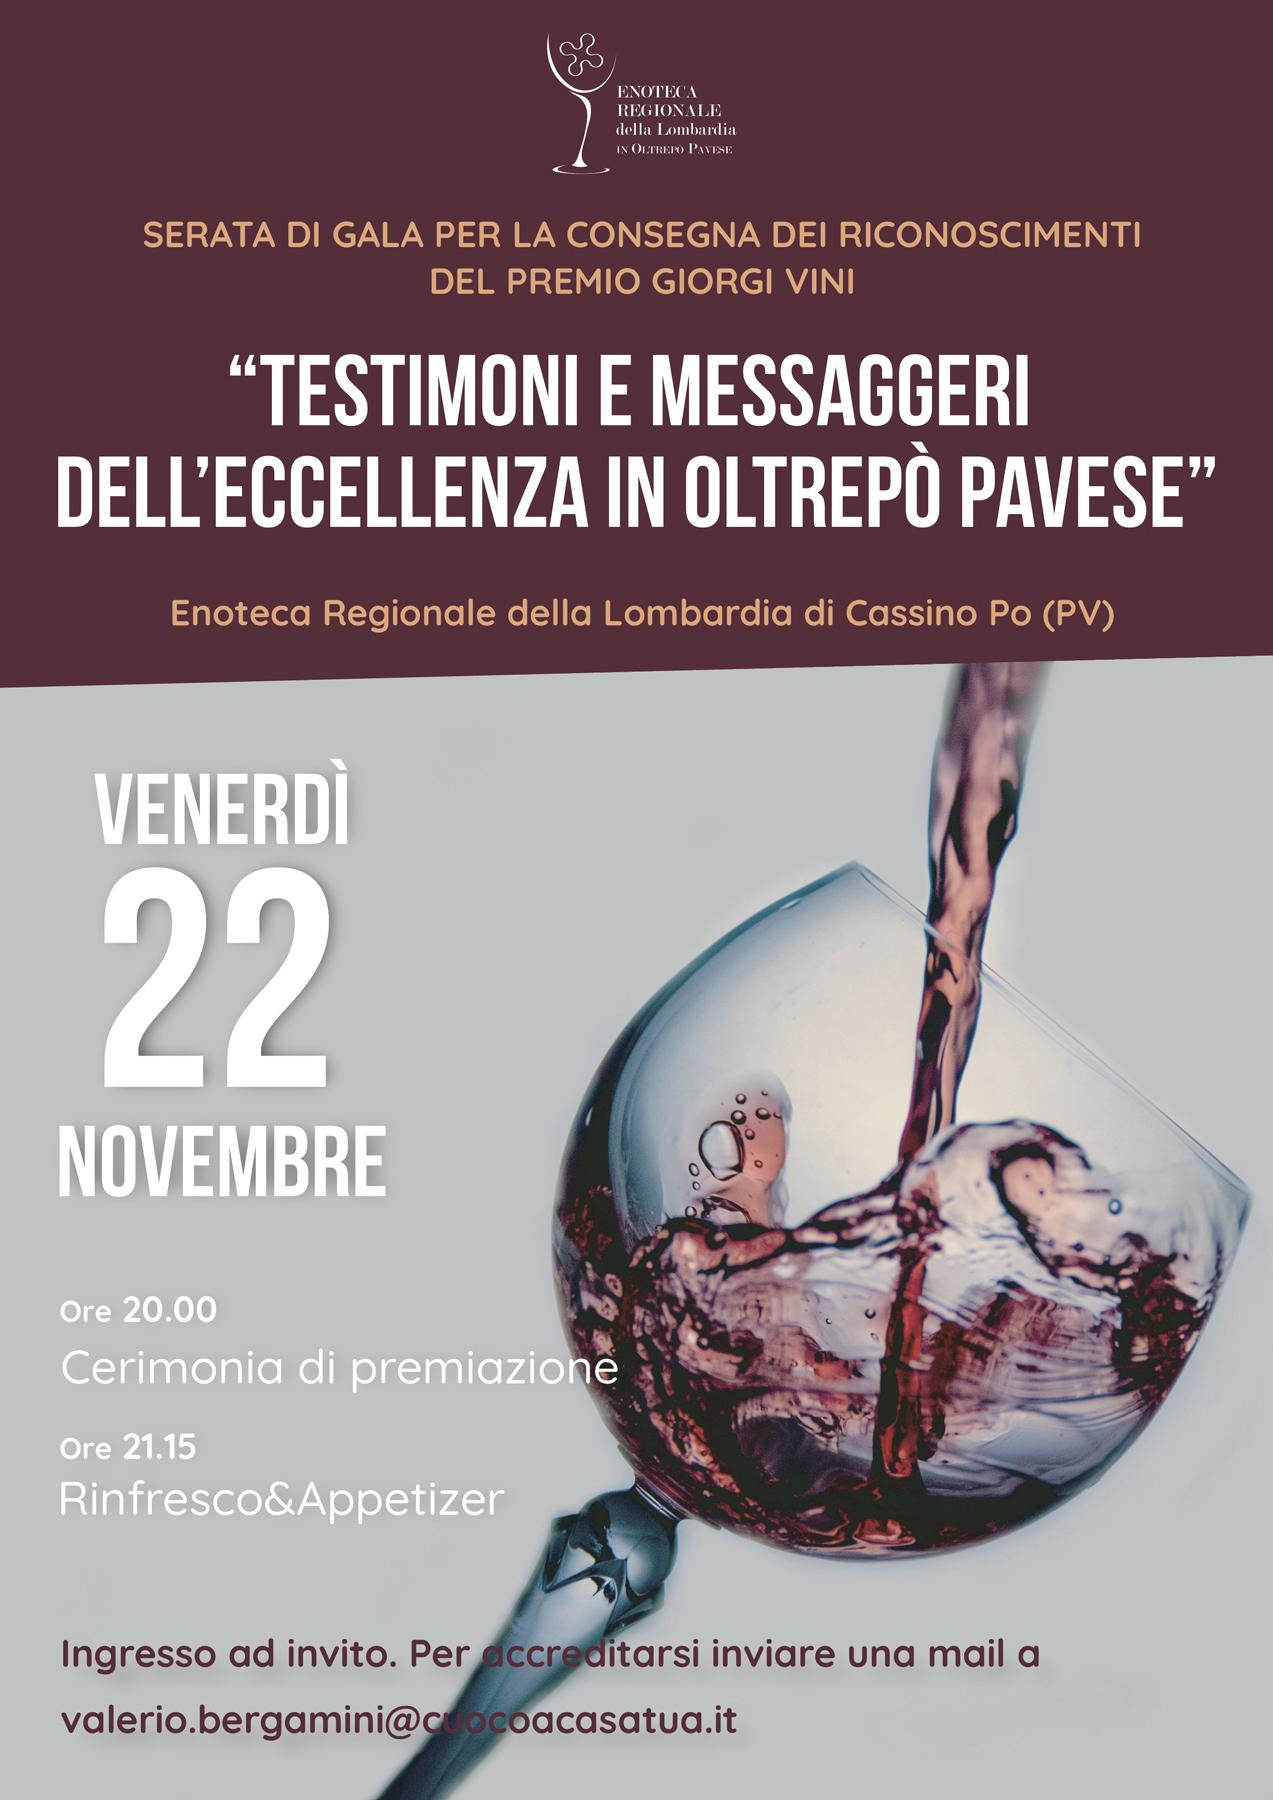 Testimoni e messaggeri dell'eccellenza in Oltrepò Pavese